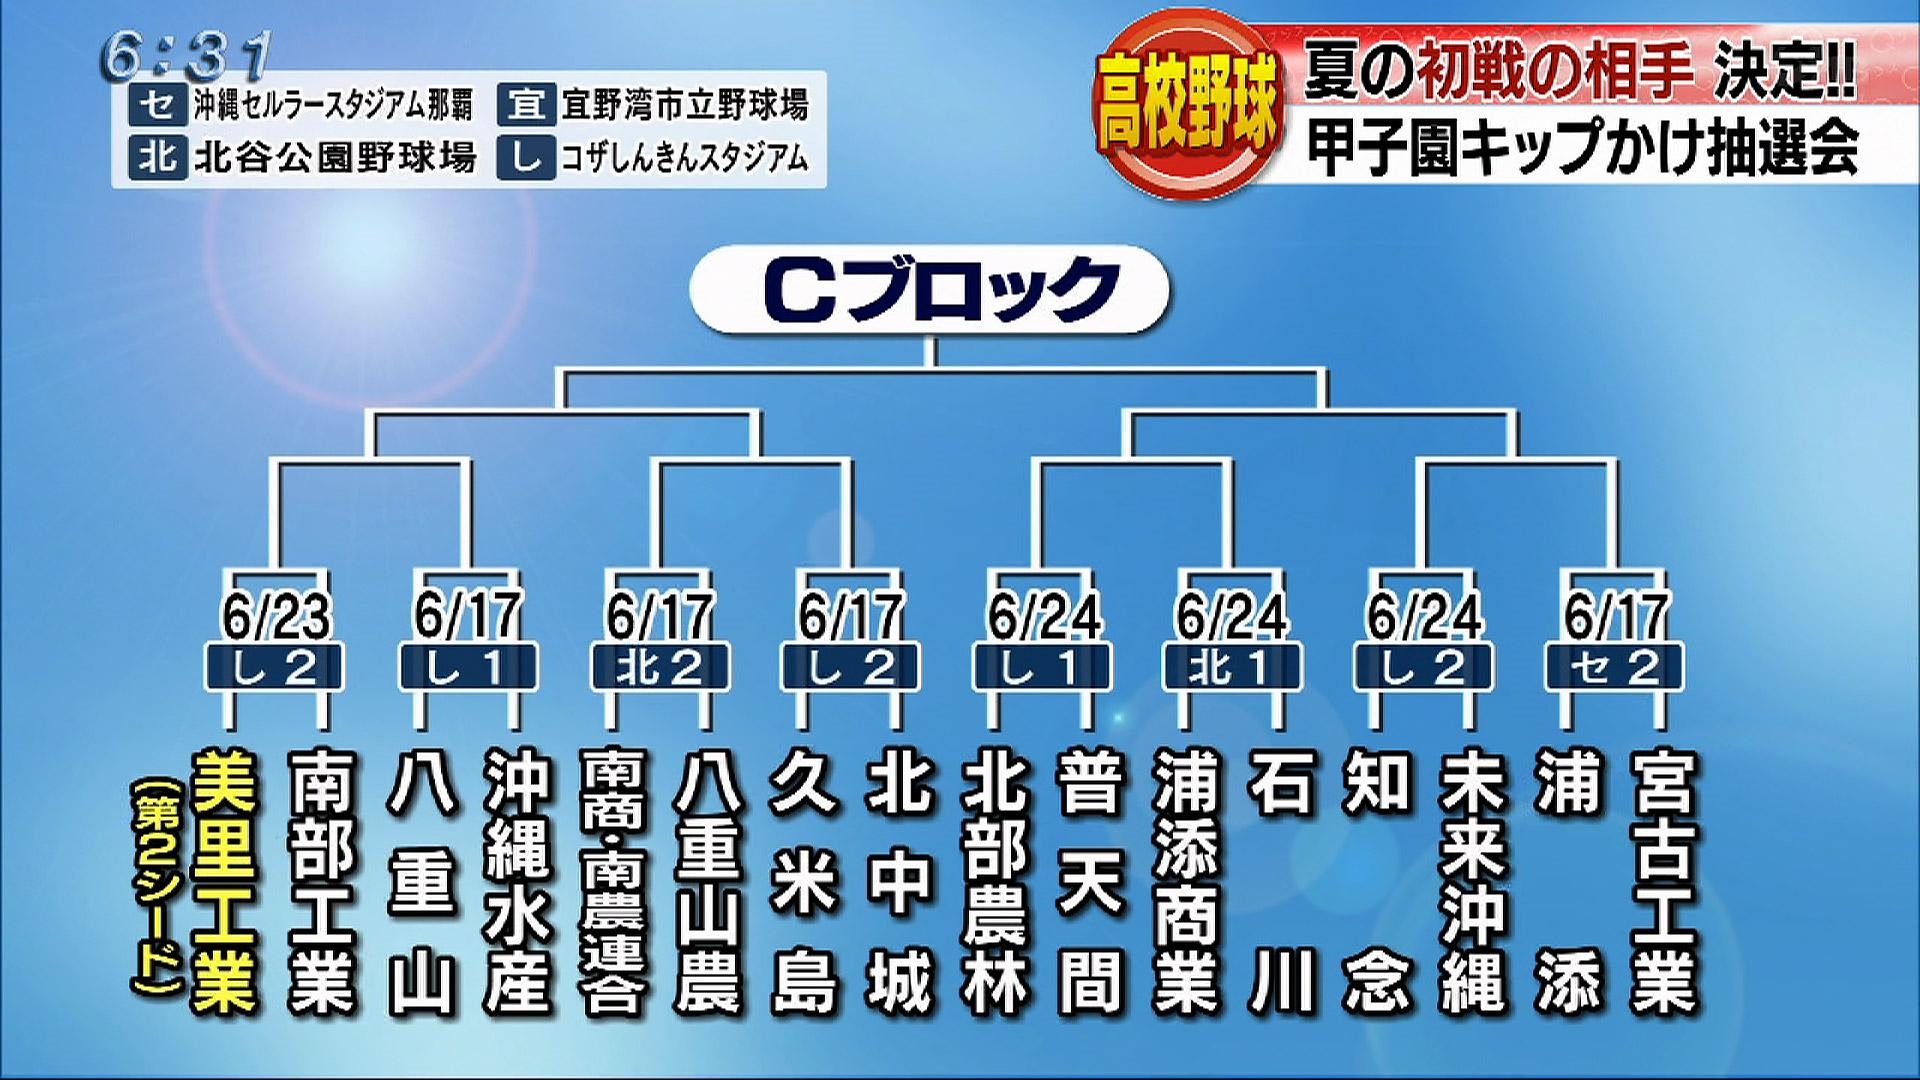 夏の甲子園キップかけ 64校が抽選会